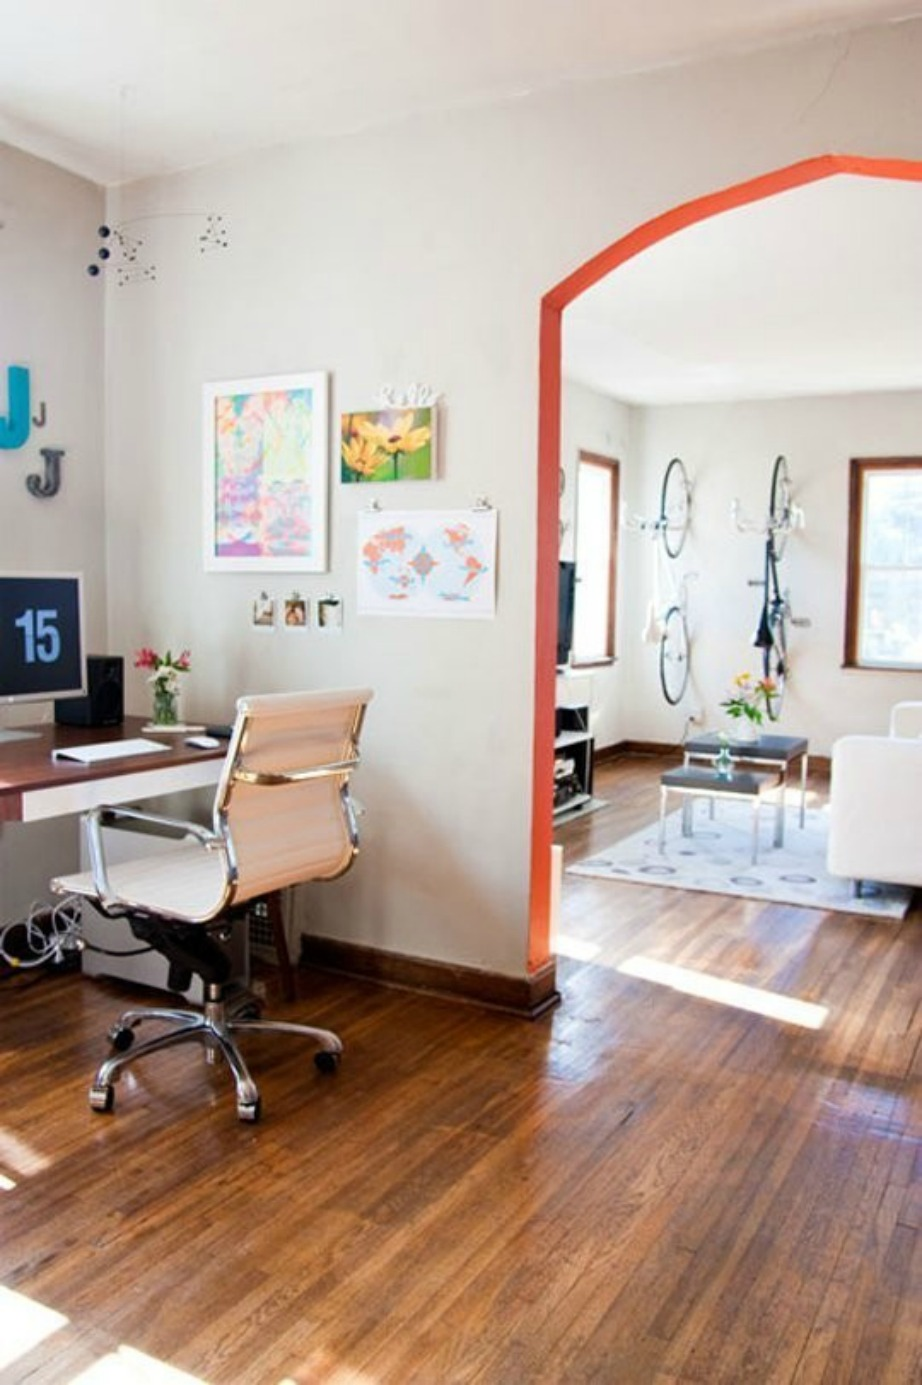 Με πολύ λίγες πινελιές μπορείτε να αλλάξετε την όψη του δωματίου σας.